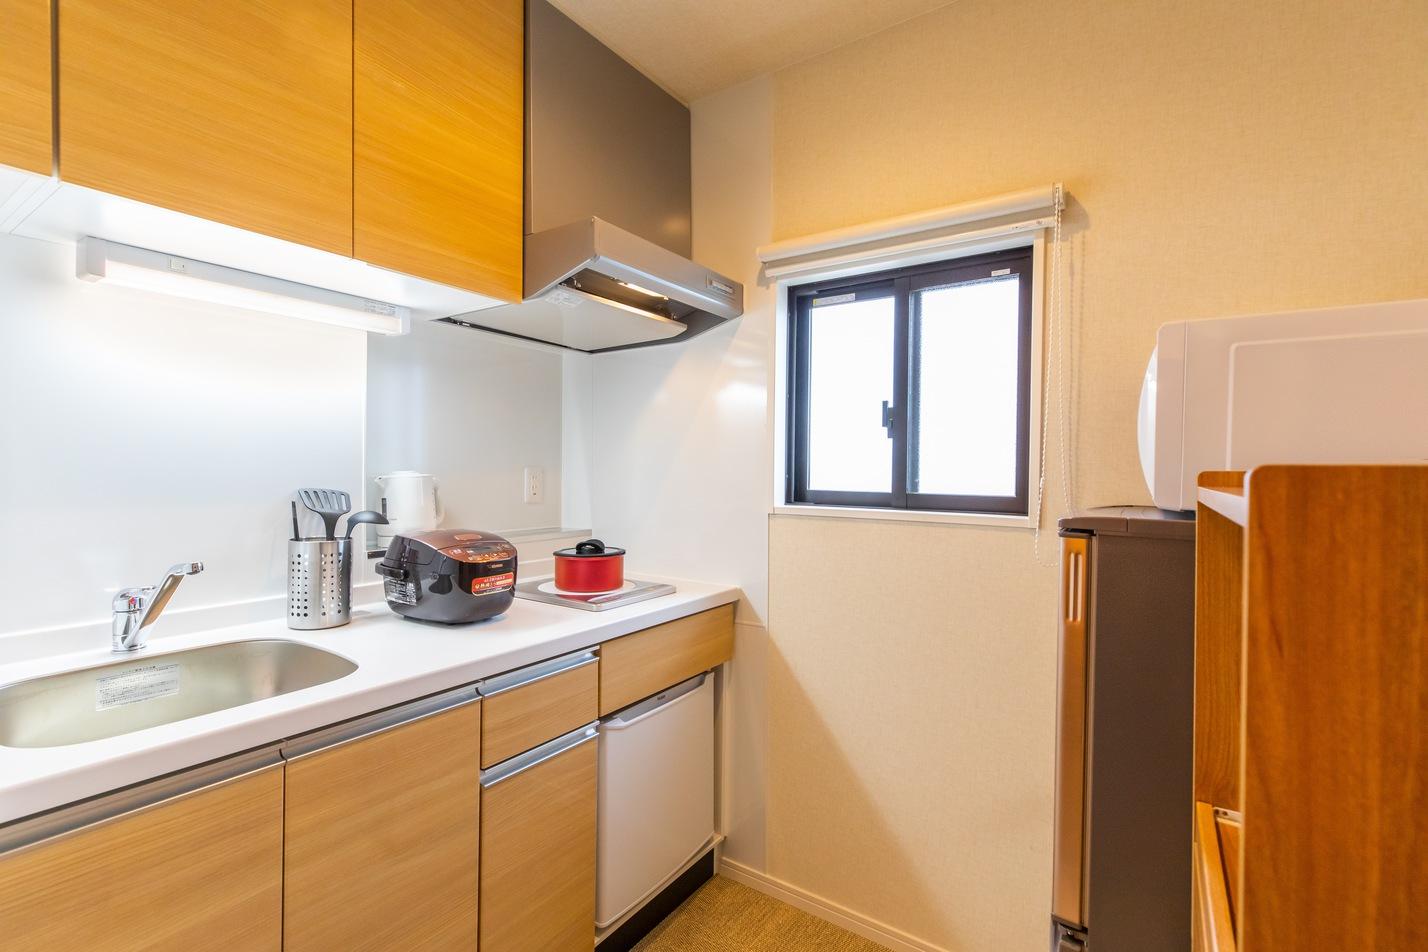 和洋室 キッチン。2ドア冷蔵庫を完備!